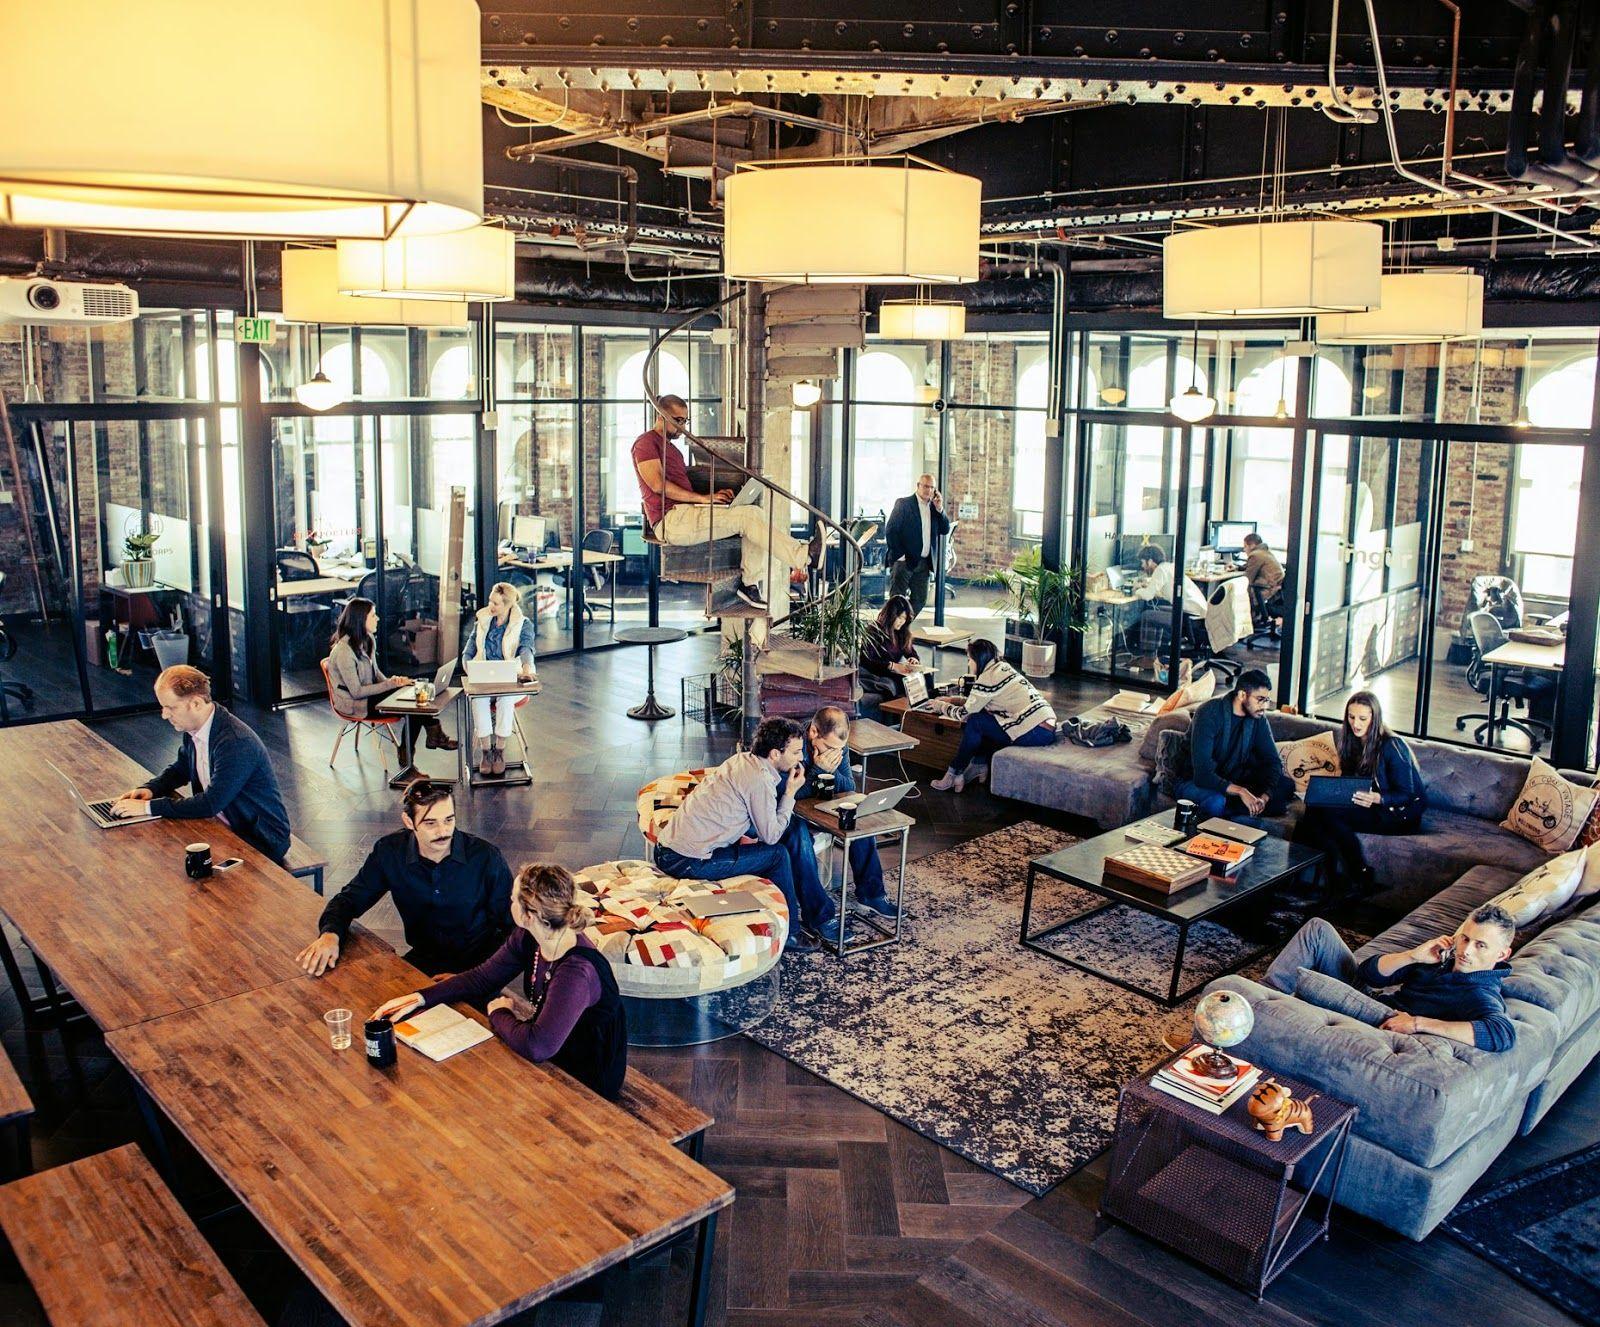 afficher l 39 image d 39 origine workplace pinterest images bureau et espace. Black Bedroom Furniture Sets. Home Design Ideas